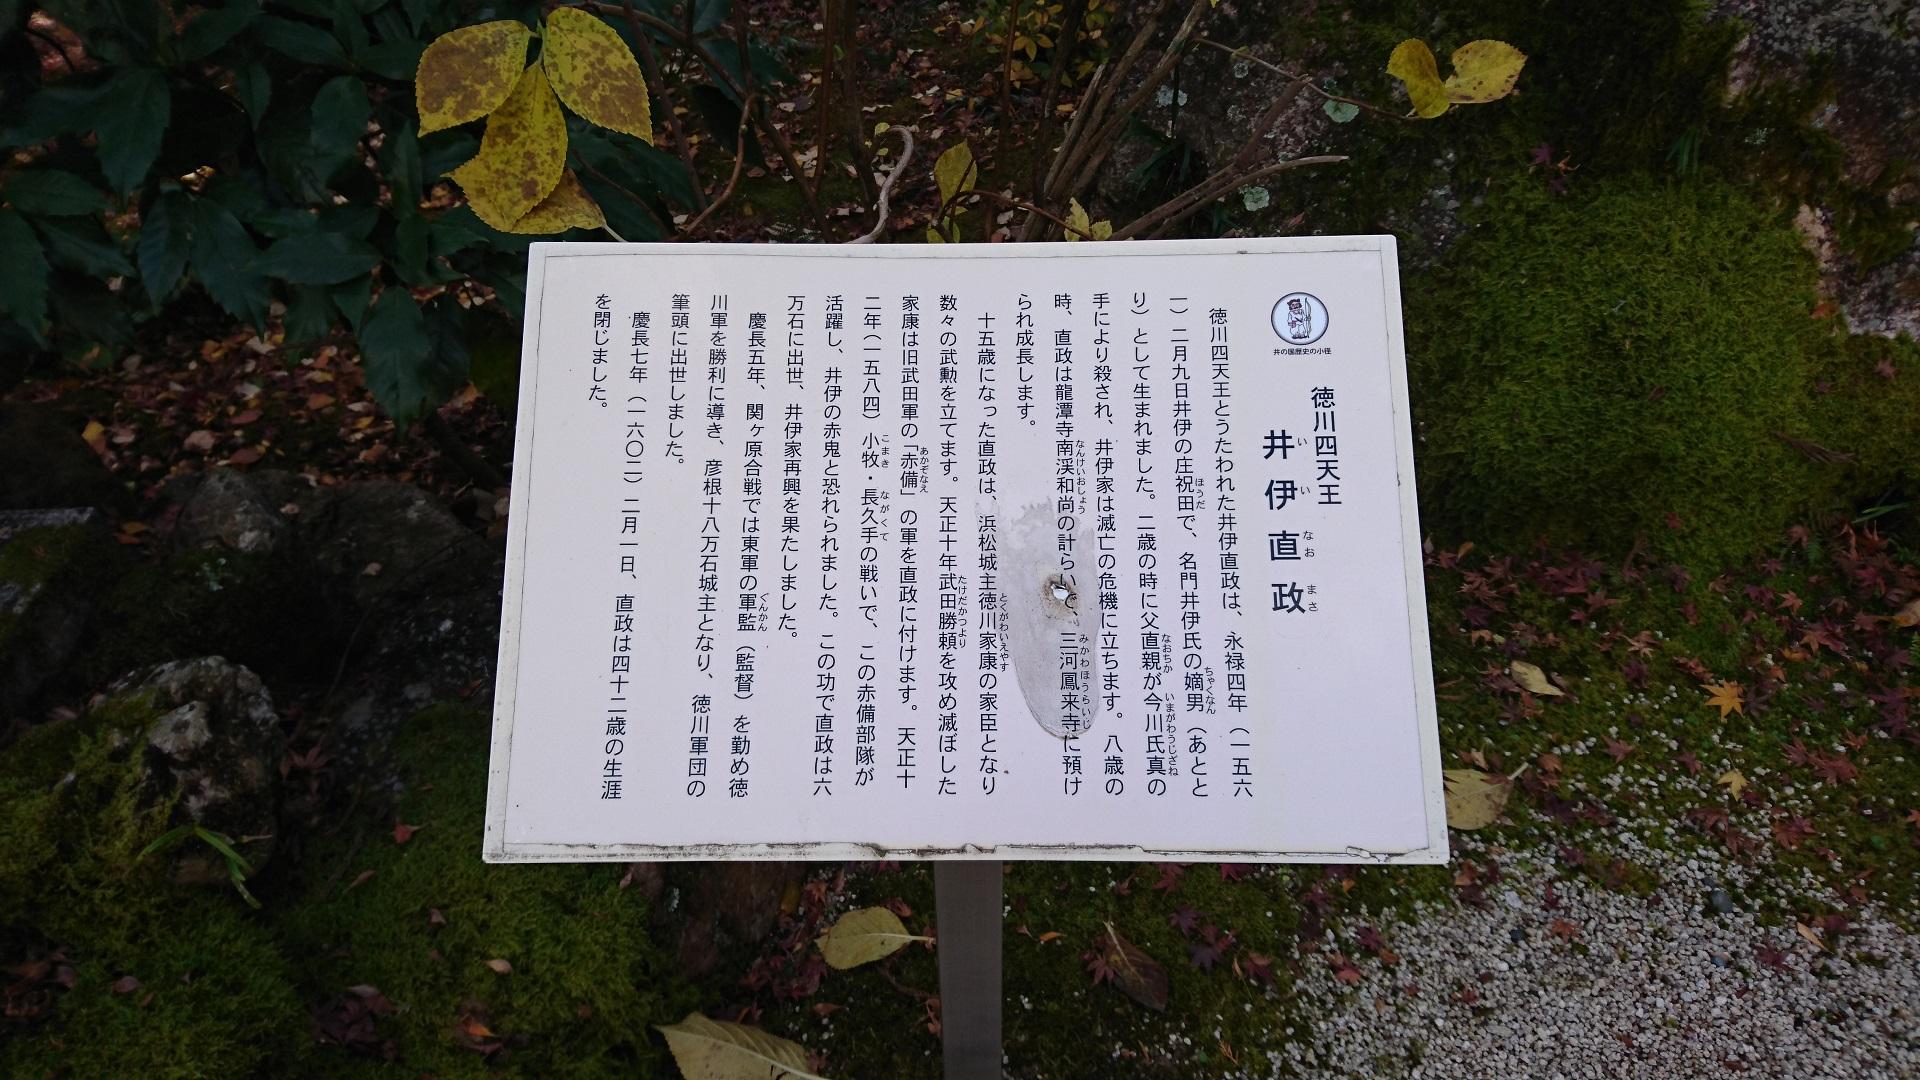 2016.12.23 竜潭寺 (8) 井伊直正 - 由緒